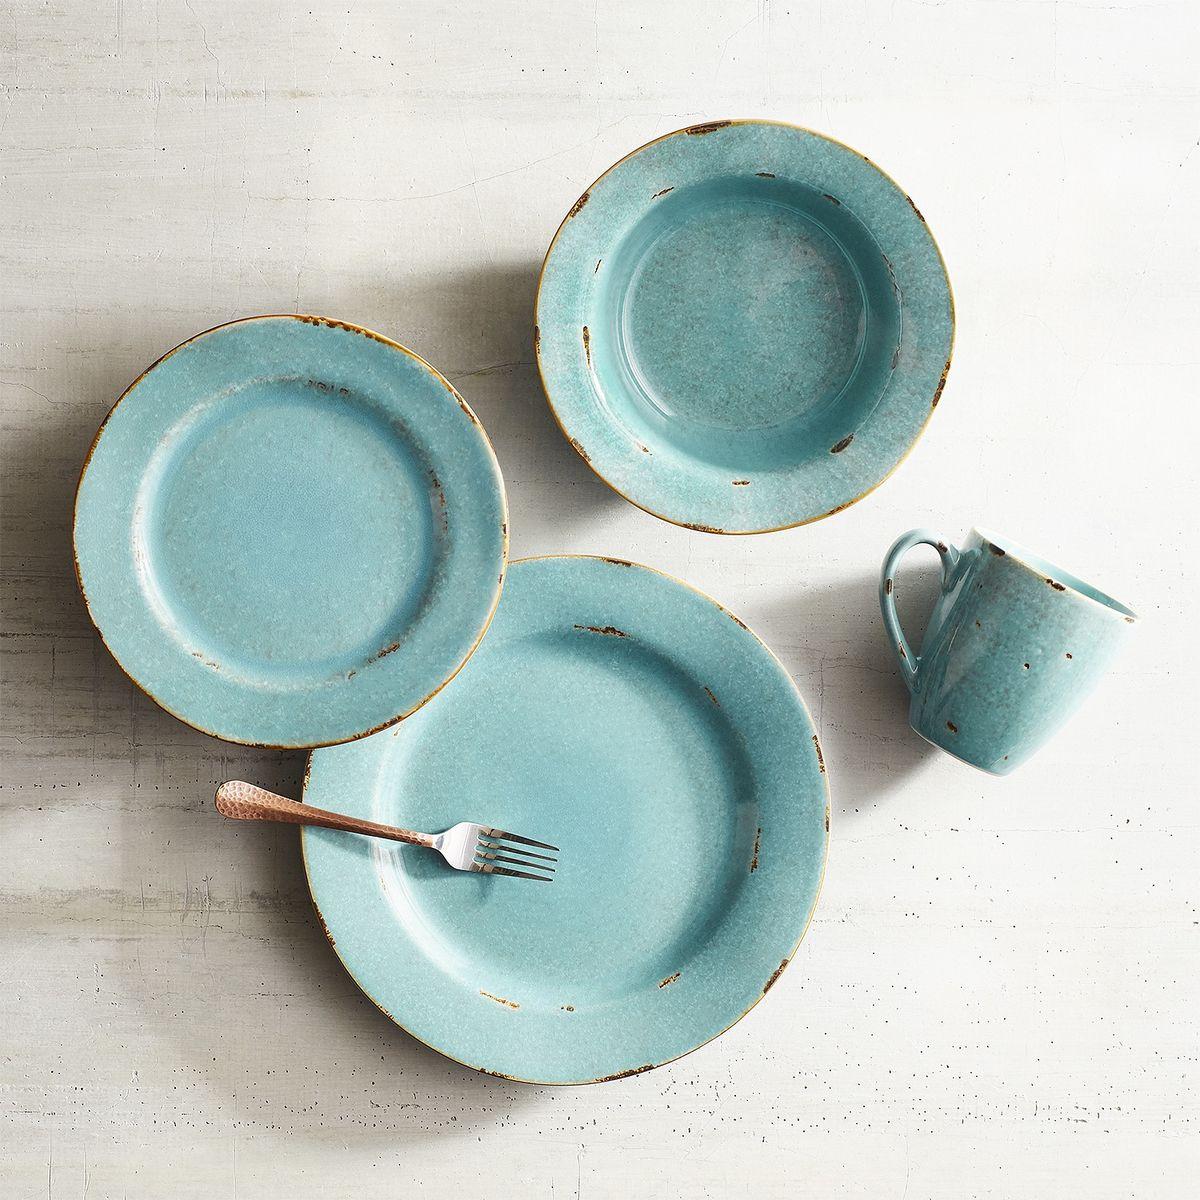 Hacienda de Vida Turquoise Dinnerware & Hacienda de Vida Turquoise Dinnerware   Everything Turquoise